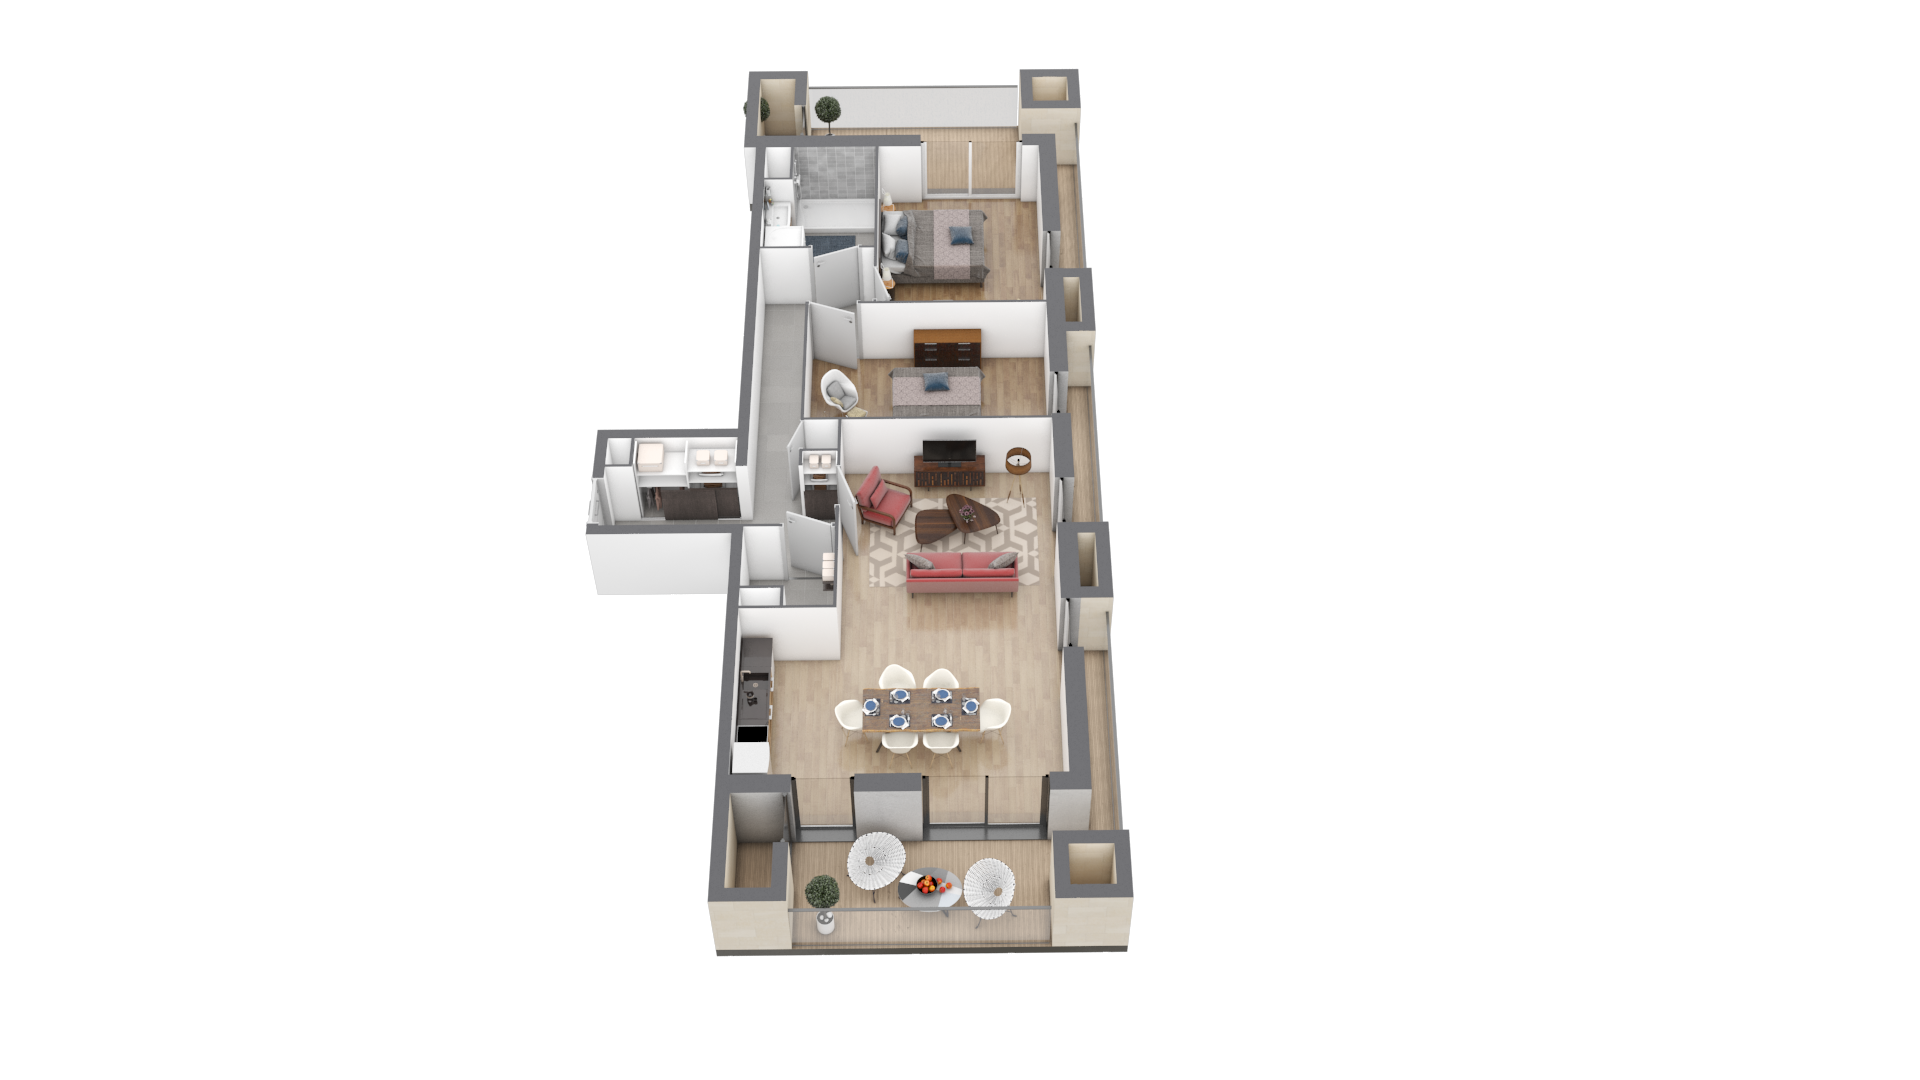 appartement A107 de type T3